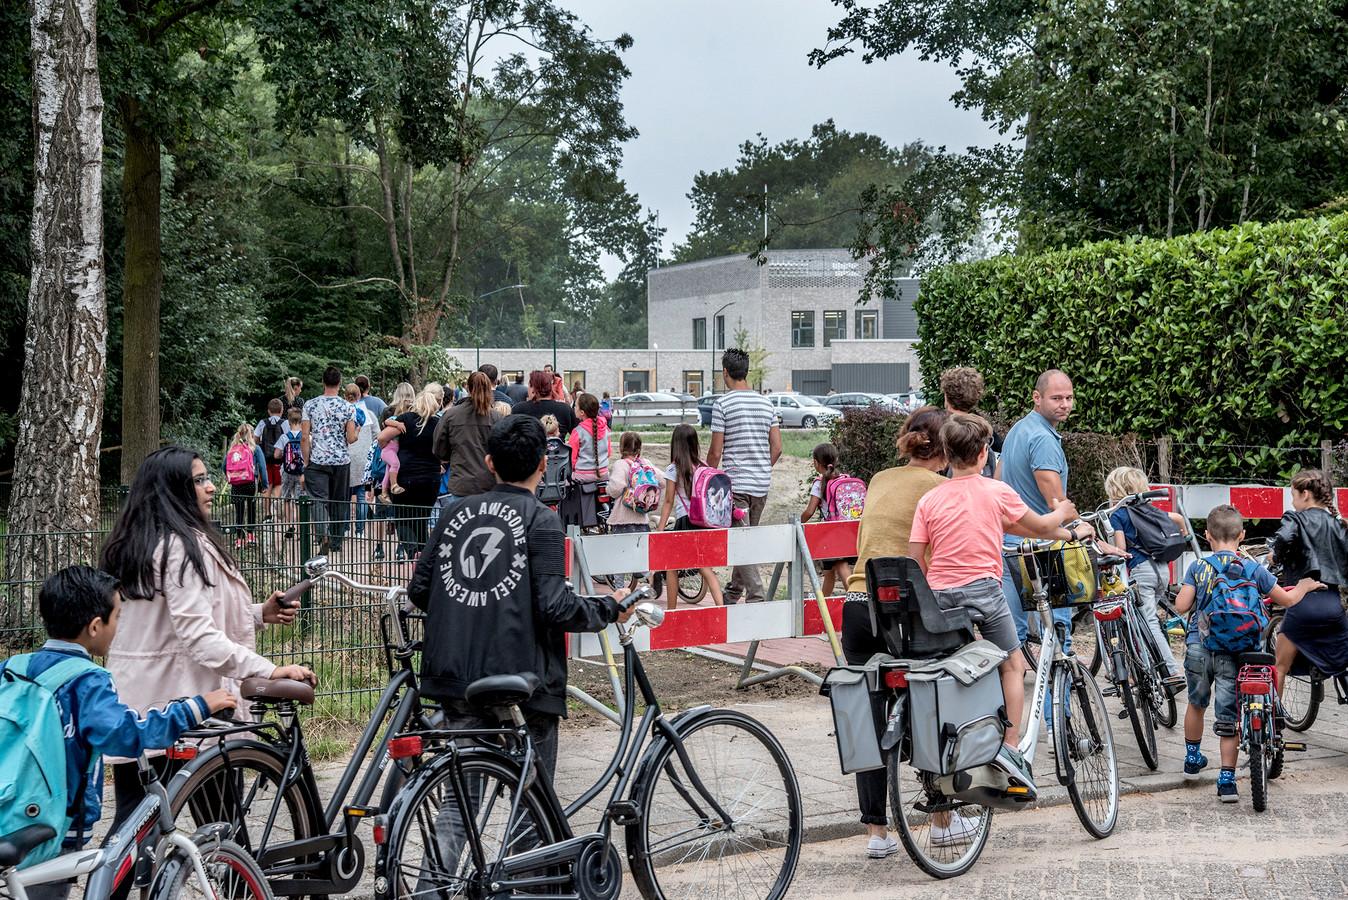 Kinderen gaan over een veelbesproken geitenpaadje naar het nieuwe IKC De Graaff. Dit ligt tussen de hoek van de Van Steenhuijslaan en de Jan Luijkenstrraat en de school